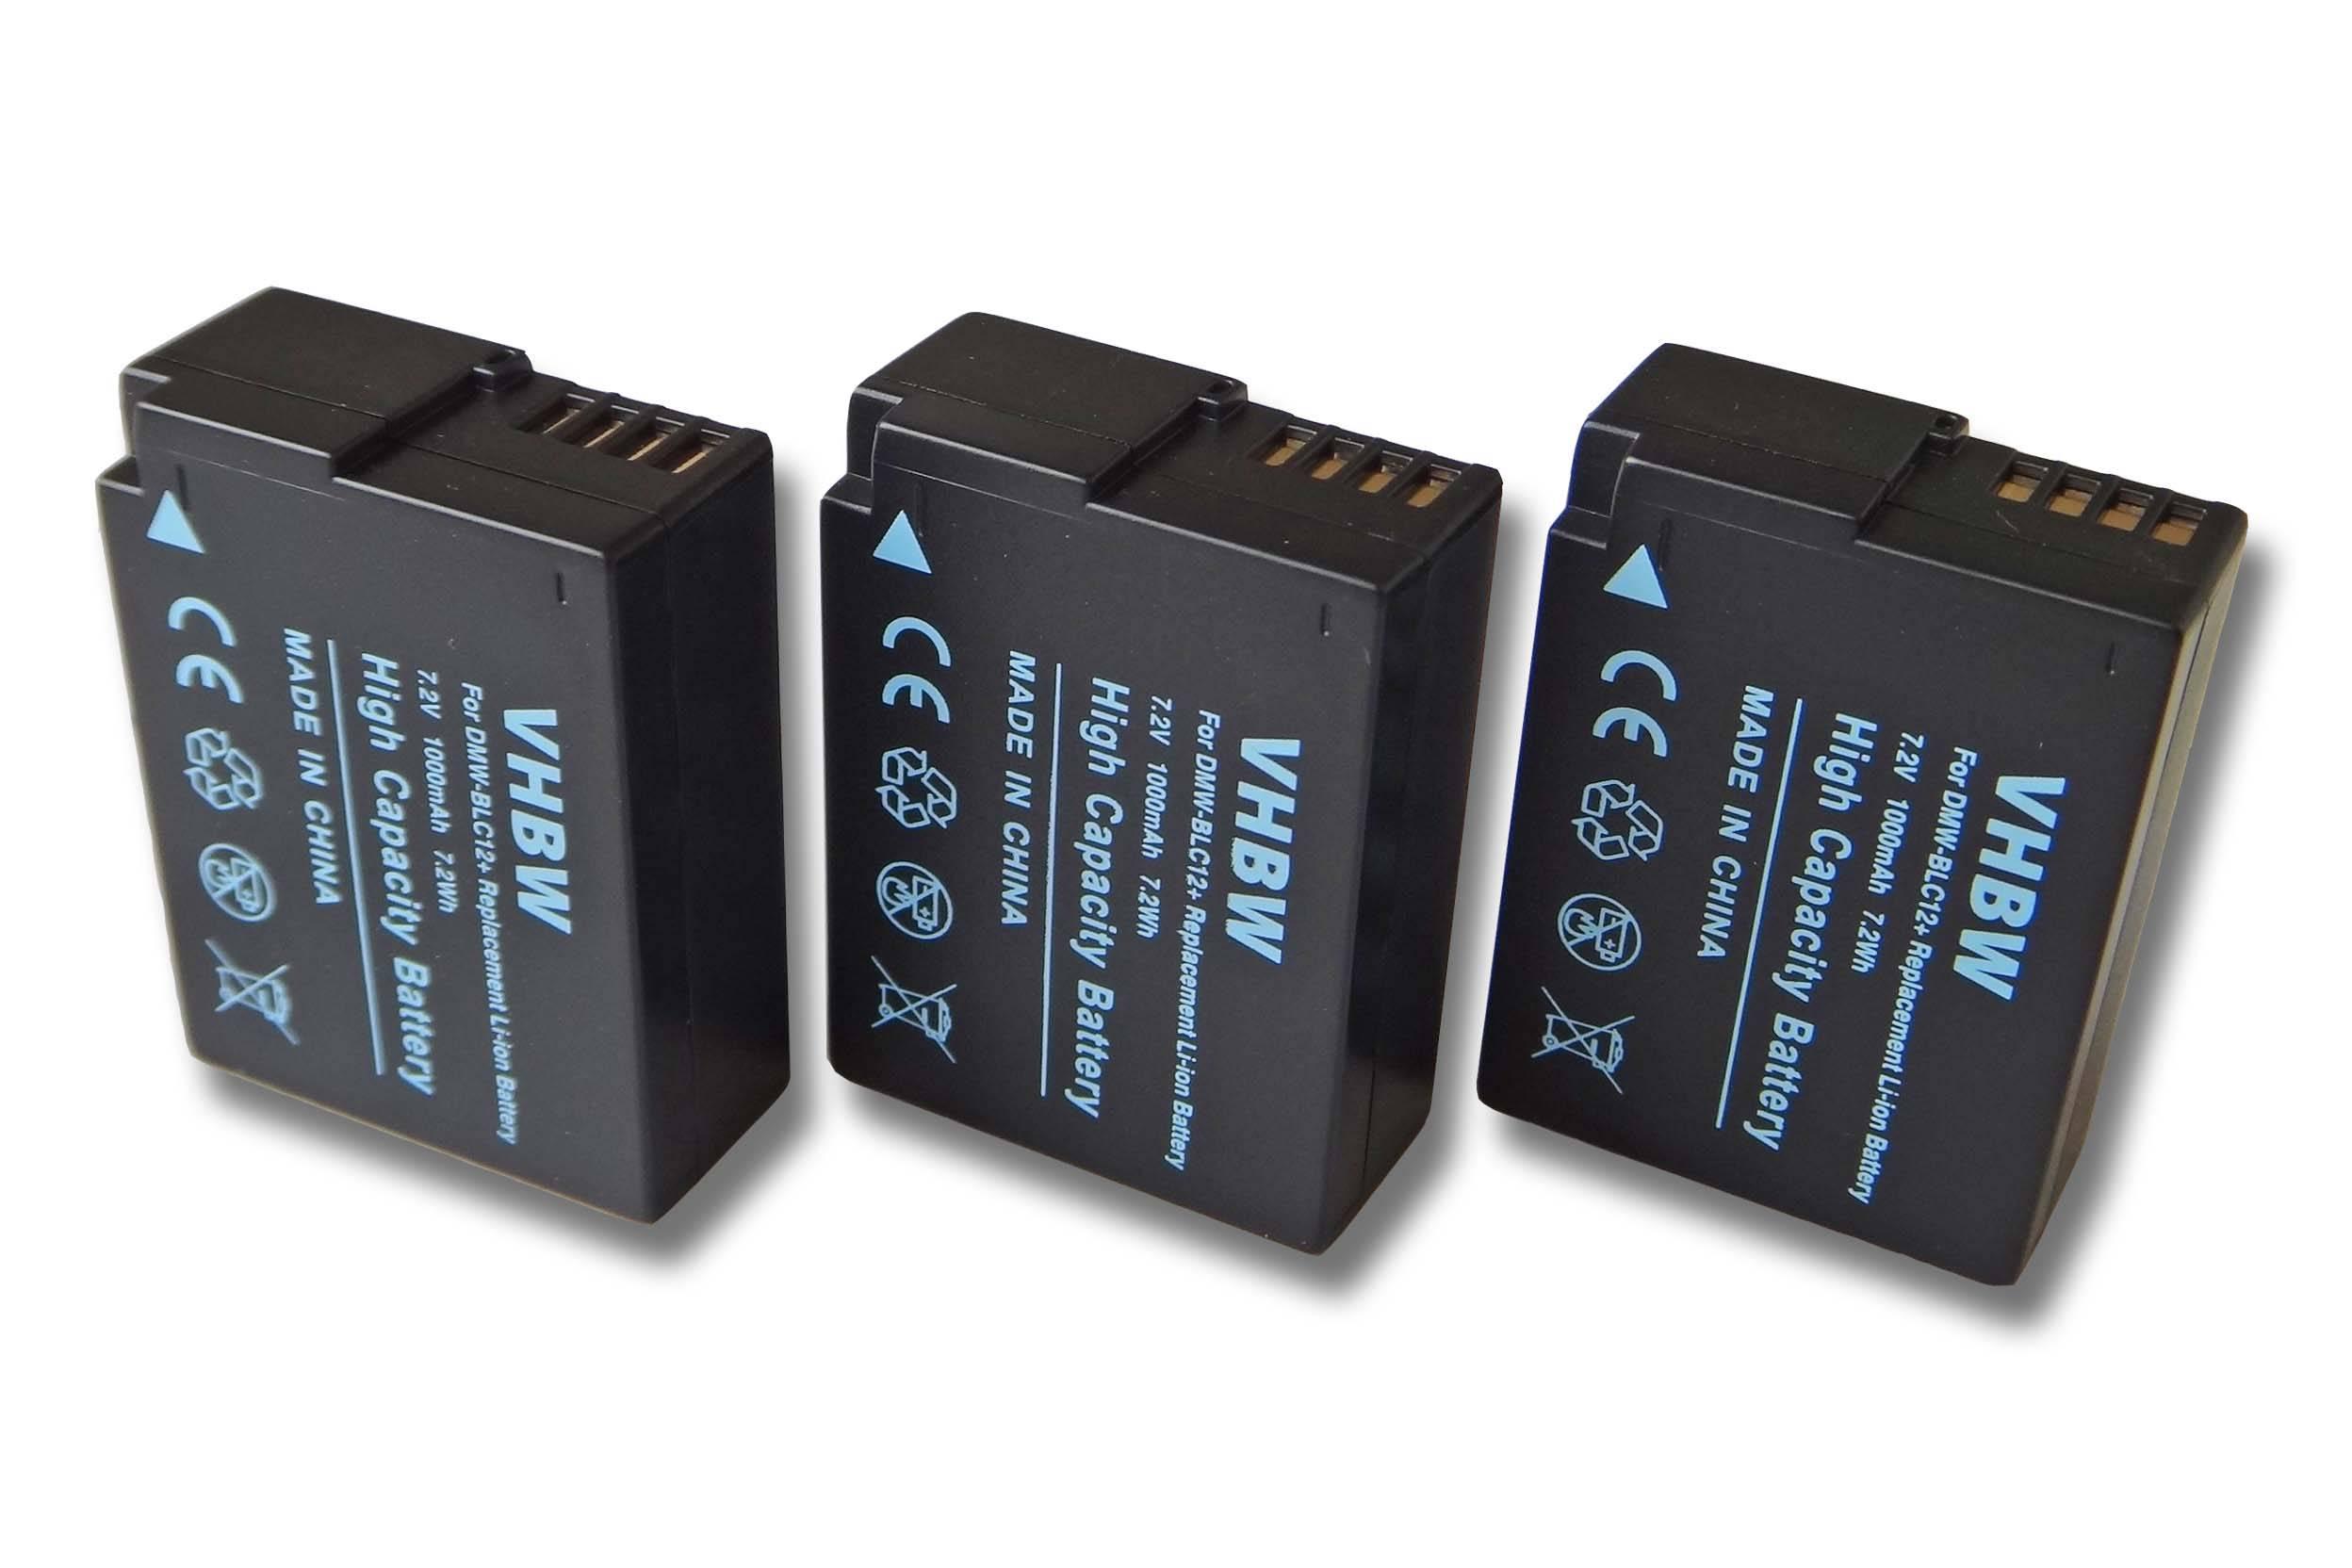 Akku Ladegerät von vhbw für Panasonic DMW-BLC12 DMW-BLC12E E